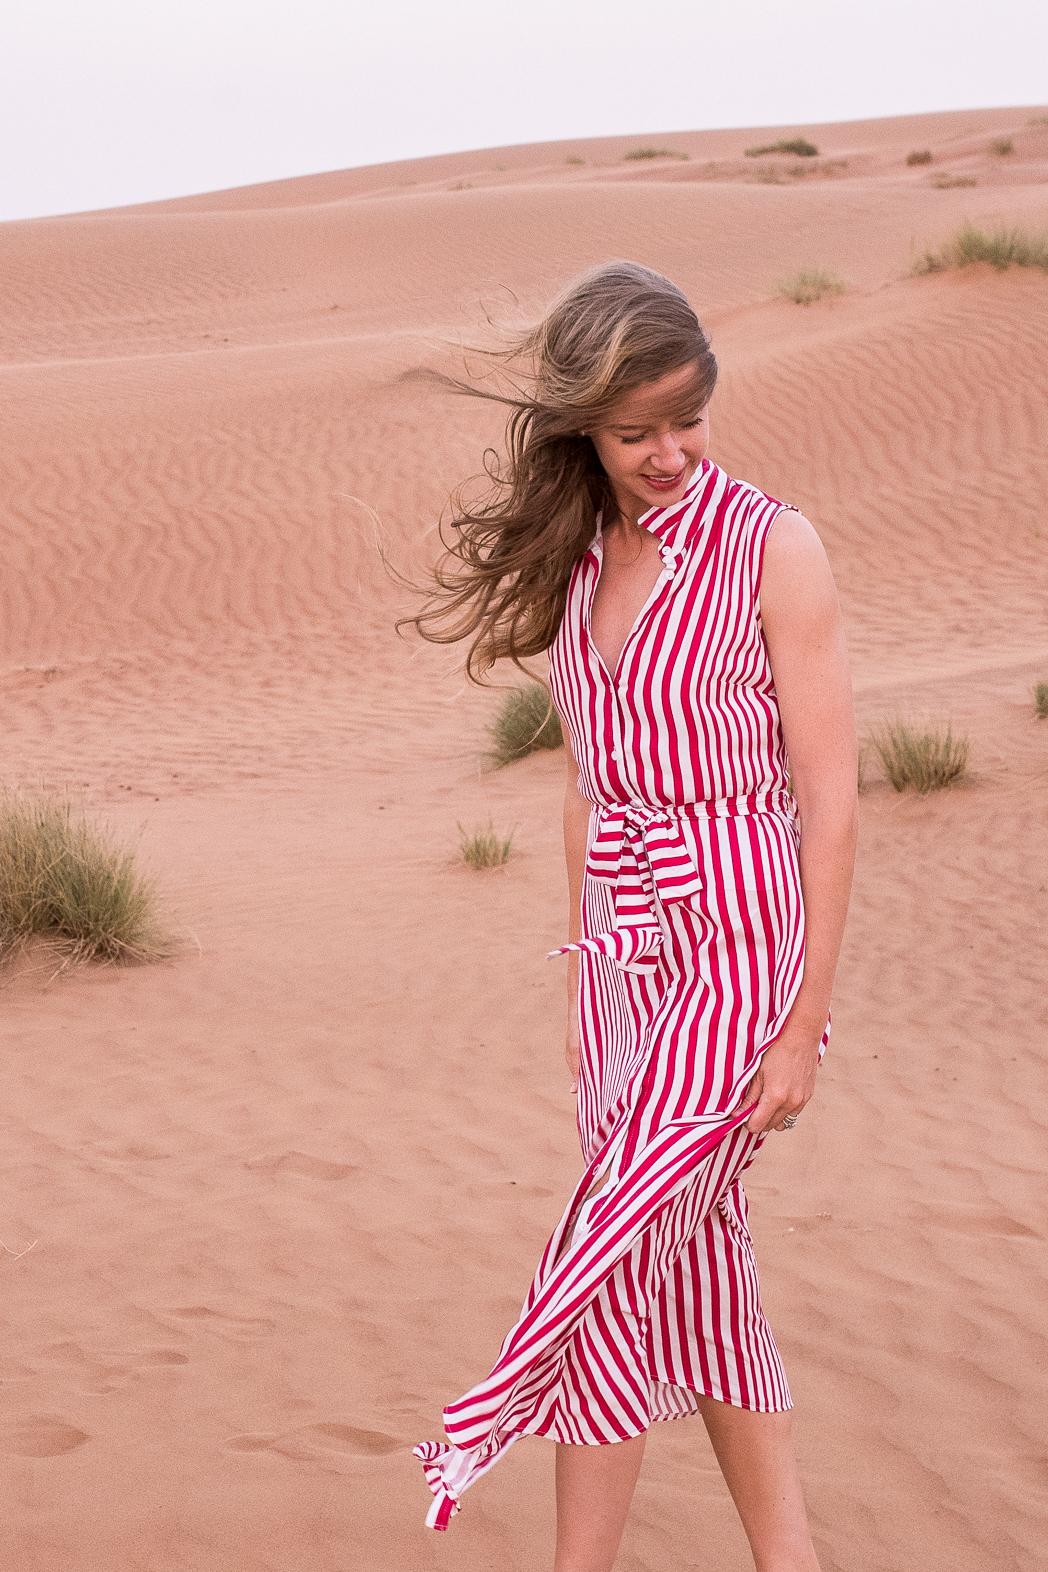 Stacie Flinner Hud Hud Travels Glamping Oman-12.jpg